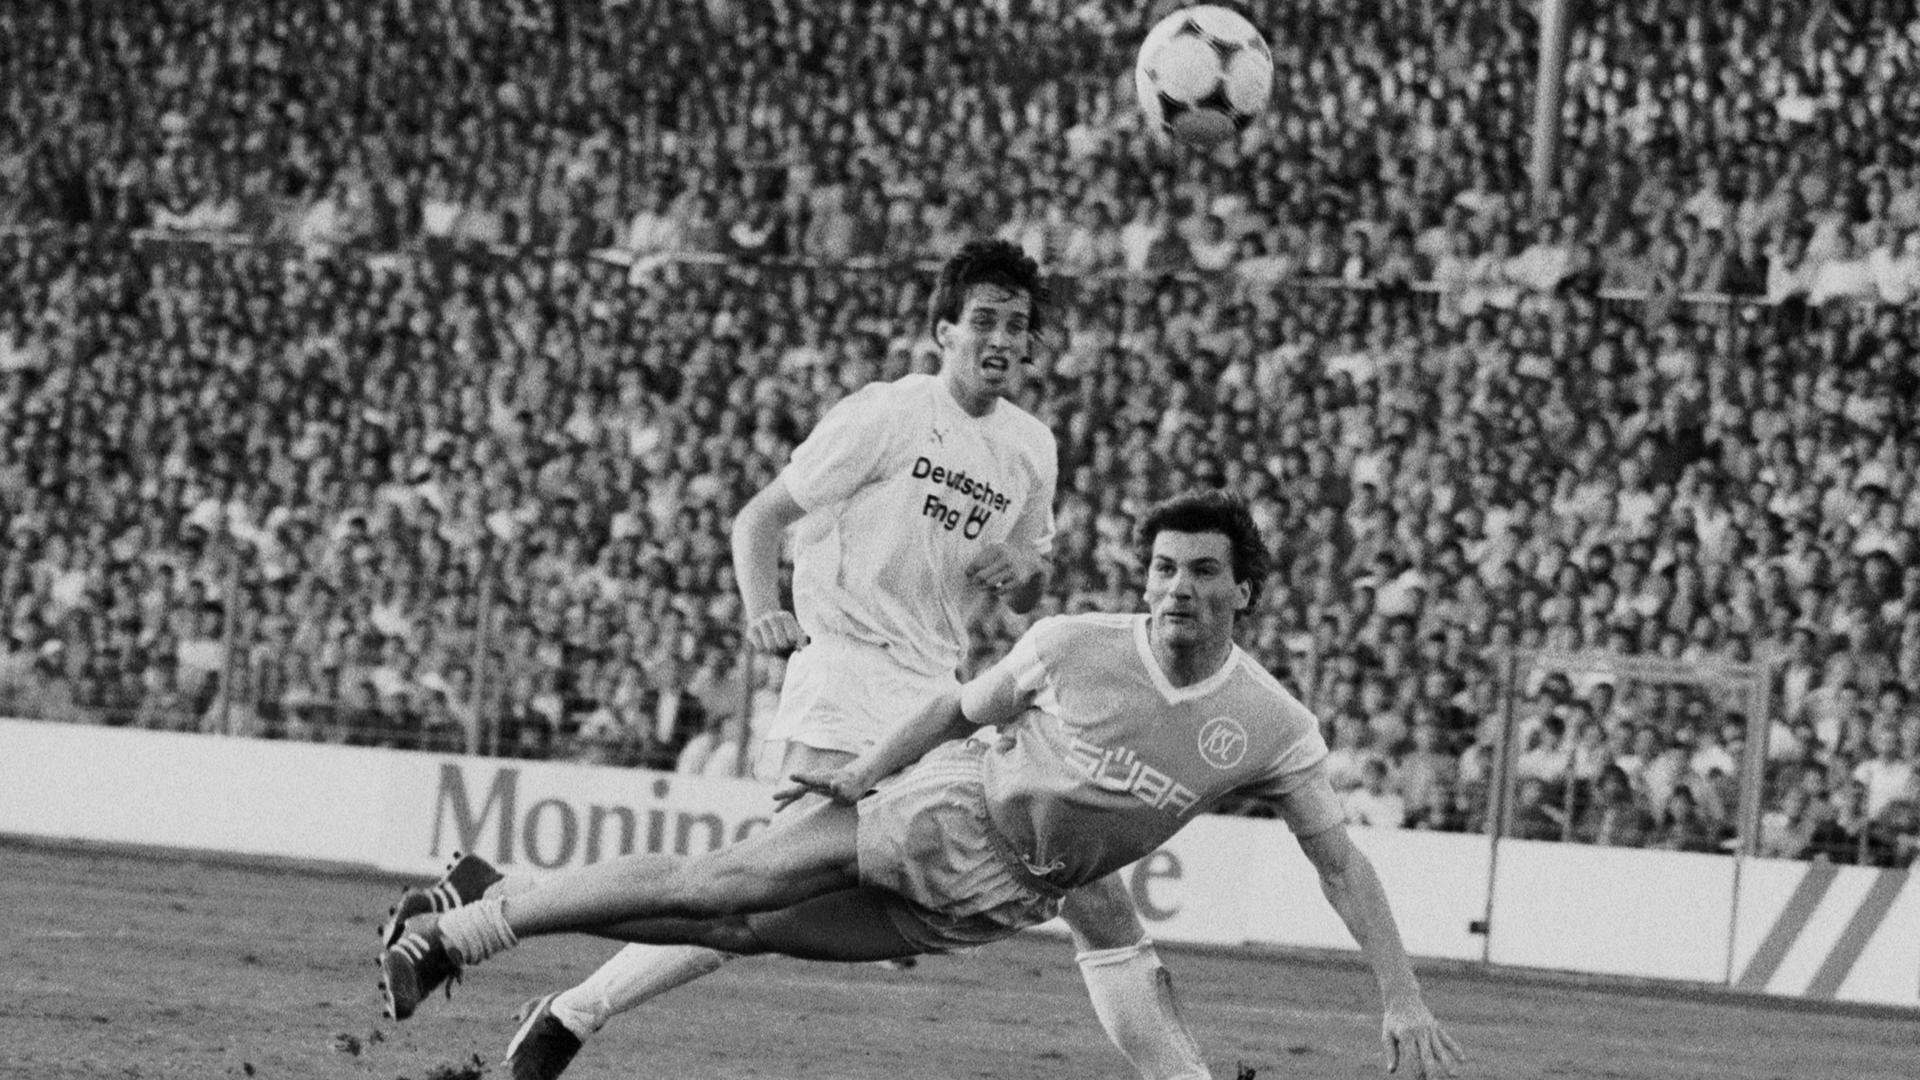 Schaufliegen: Vier Tage zuvor hatte Helmut Hermann den KSC in die Bundesliga geschossen, als er am 10. Juni 1987 mit dem KSC ein 1:1 gegen St. Pauli nachlegte.